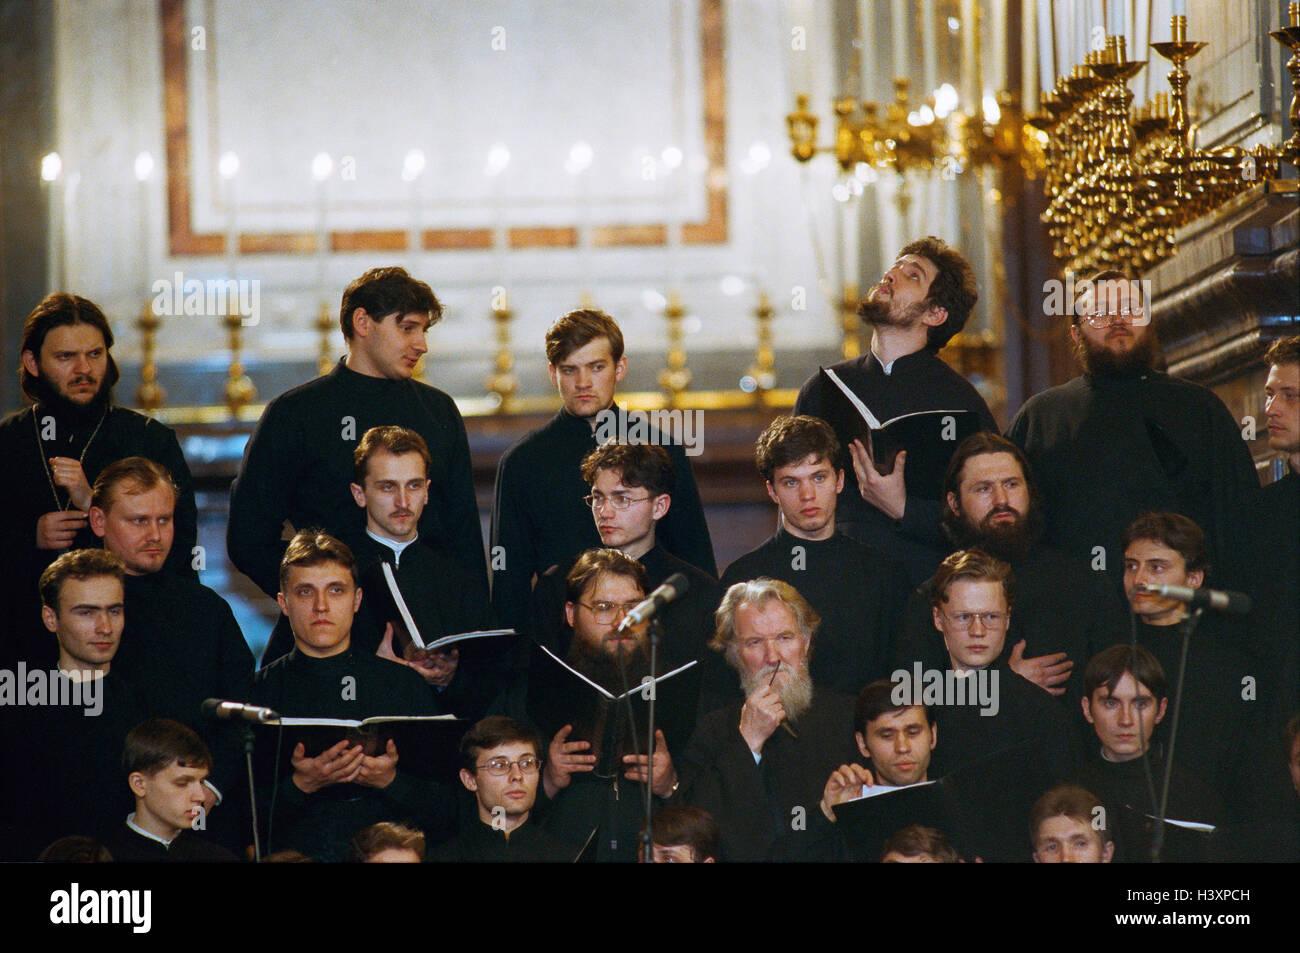 Russland, Moskau, Kirchenchor, Männer, singen, keine Modell-Freigabe-Pfarrkirche, Mönche, orthodoxen, Stockbild